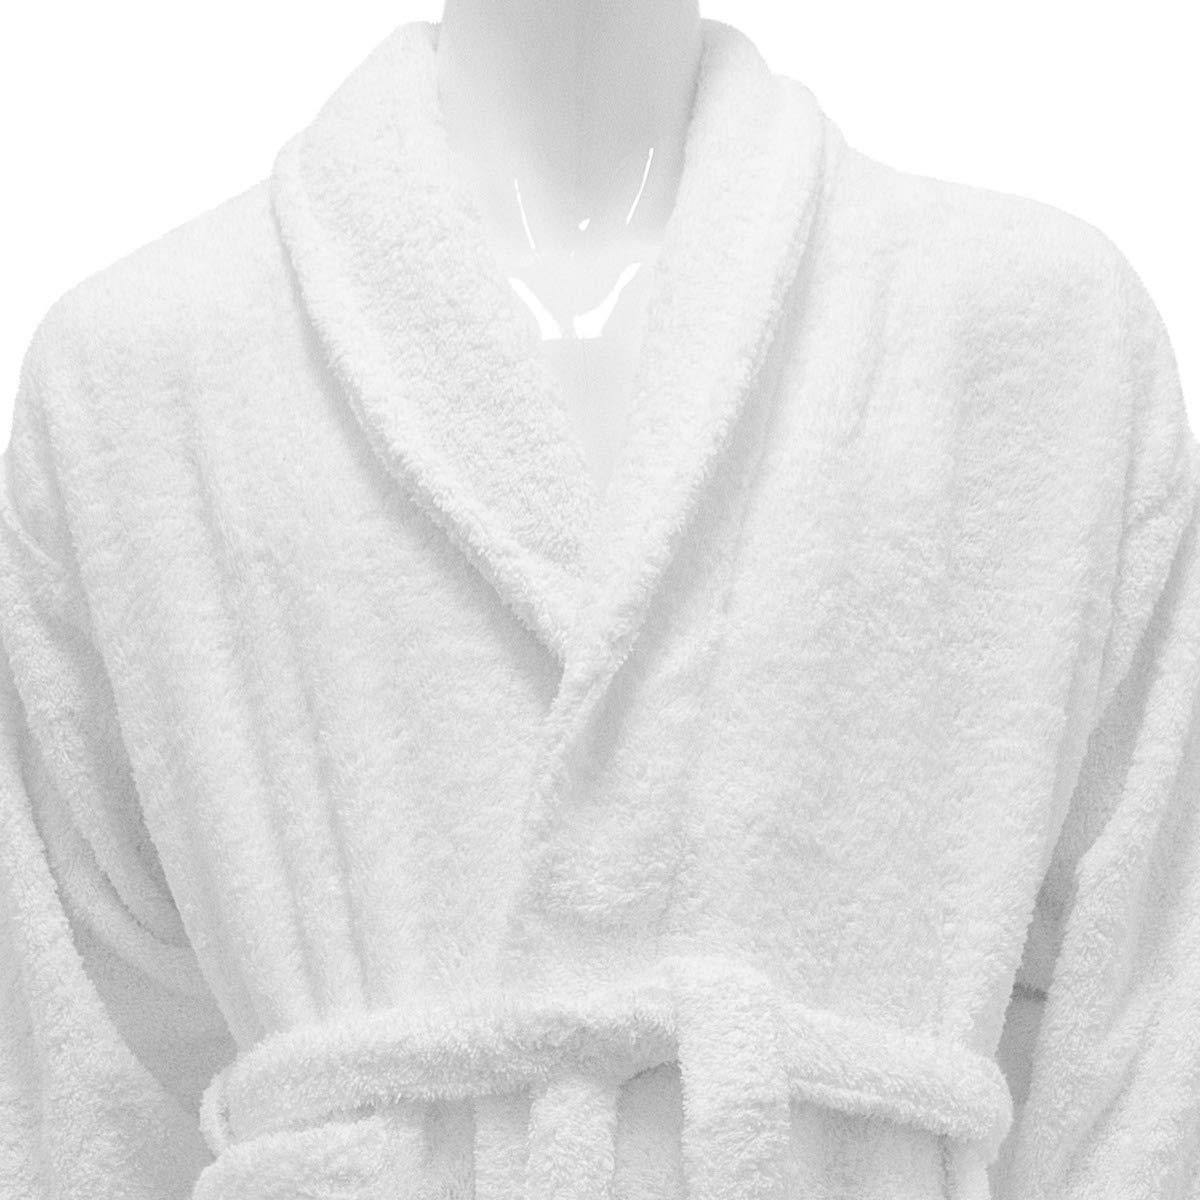 Hotel and Spa Edition - Albornoz de rizo (100% algodón), color blanco, 100% algodón, Blanco, X-Large: Amazon.es: Hogar